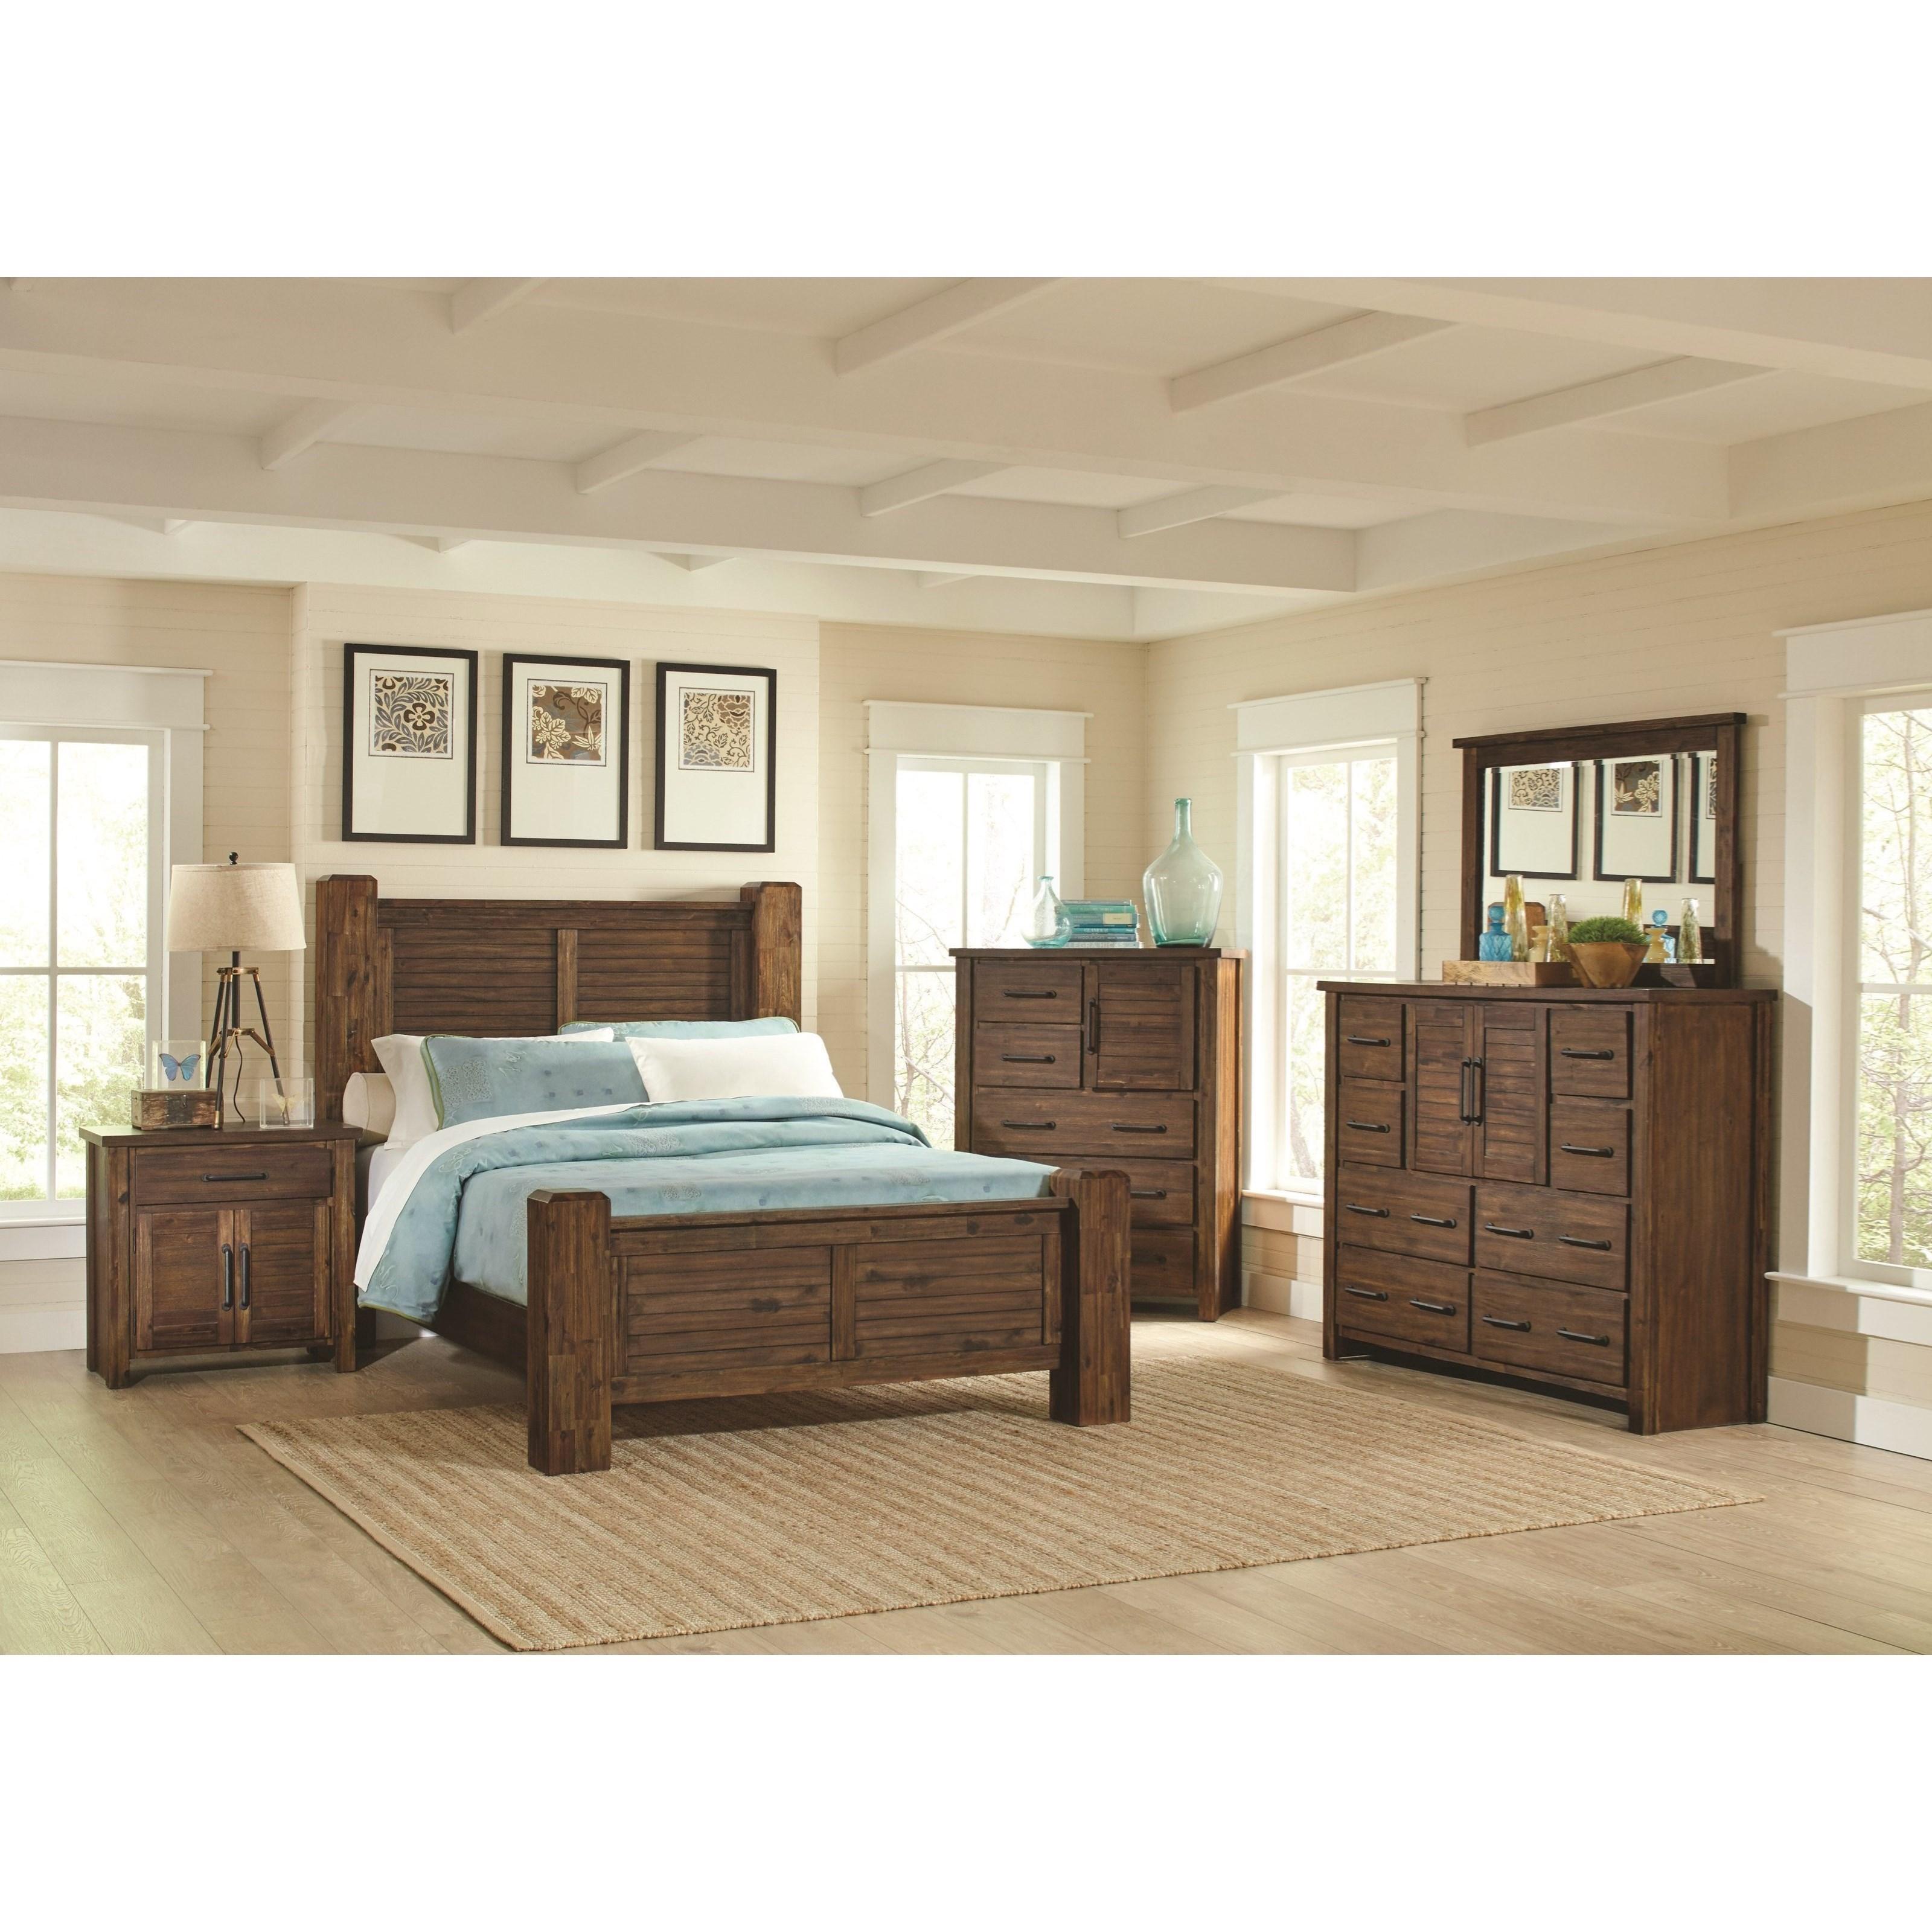 Delicieux Coaster Sutter Creek Queen Bedroom Group